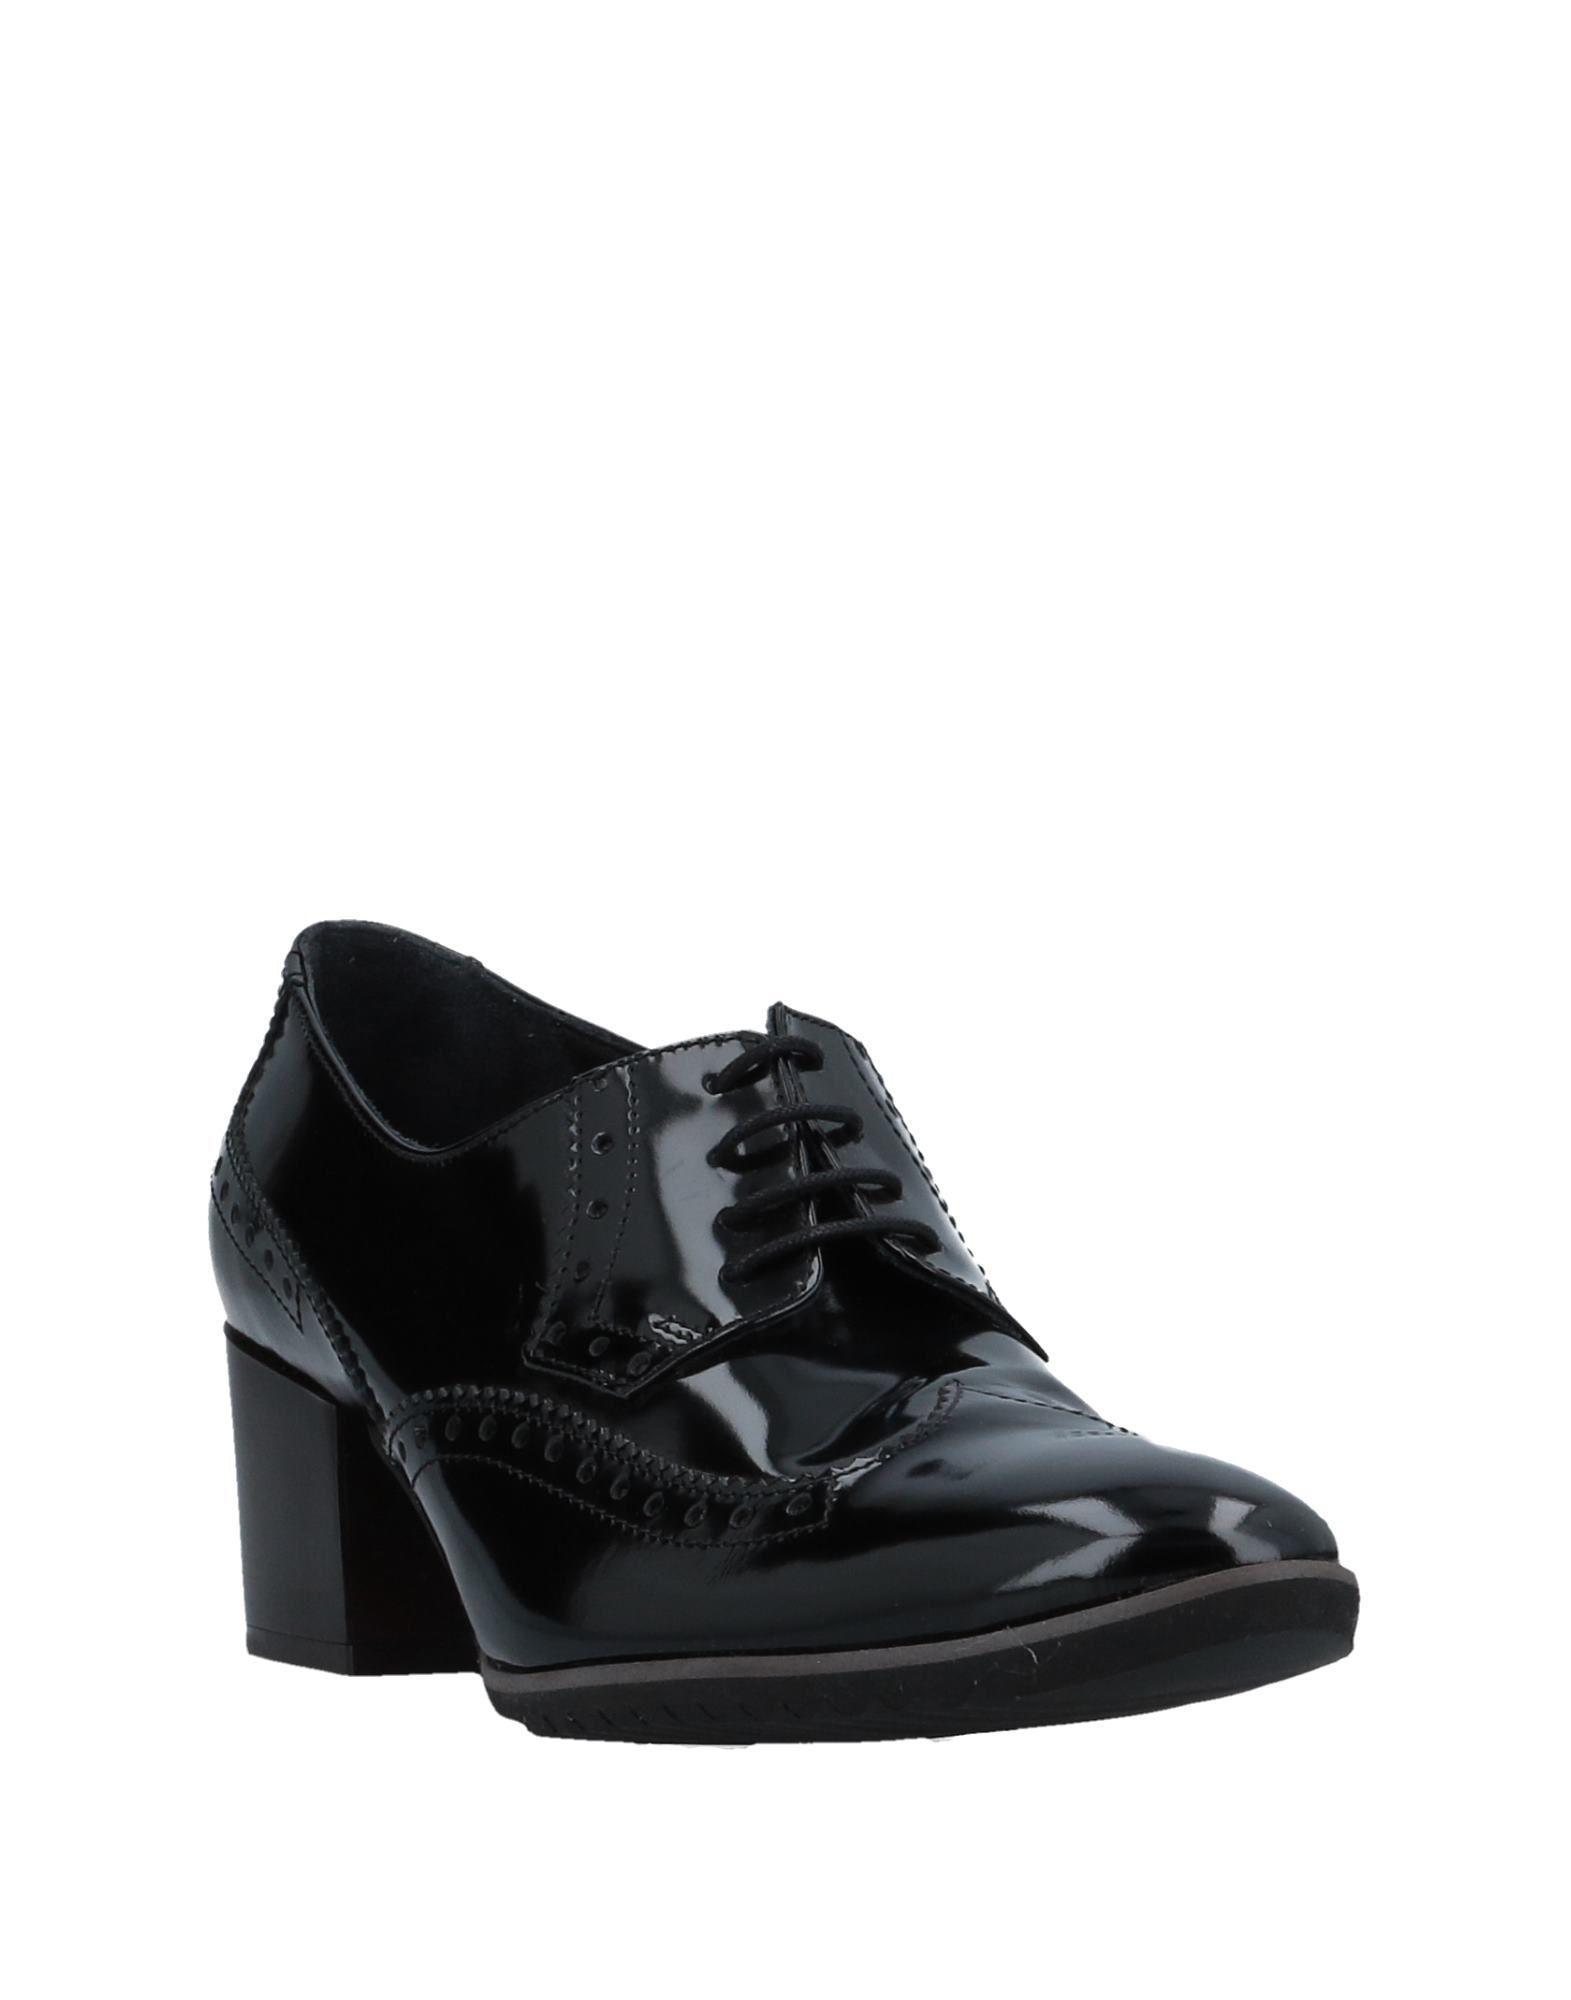 Fibra Firenze Schnürschuhe Qualität Damen  11511952QB Gute Qualität Schnürschuhe beliebte Schuhe 9e6168